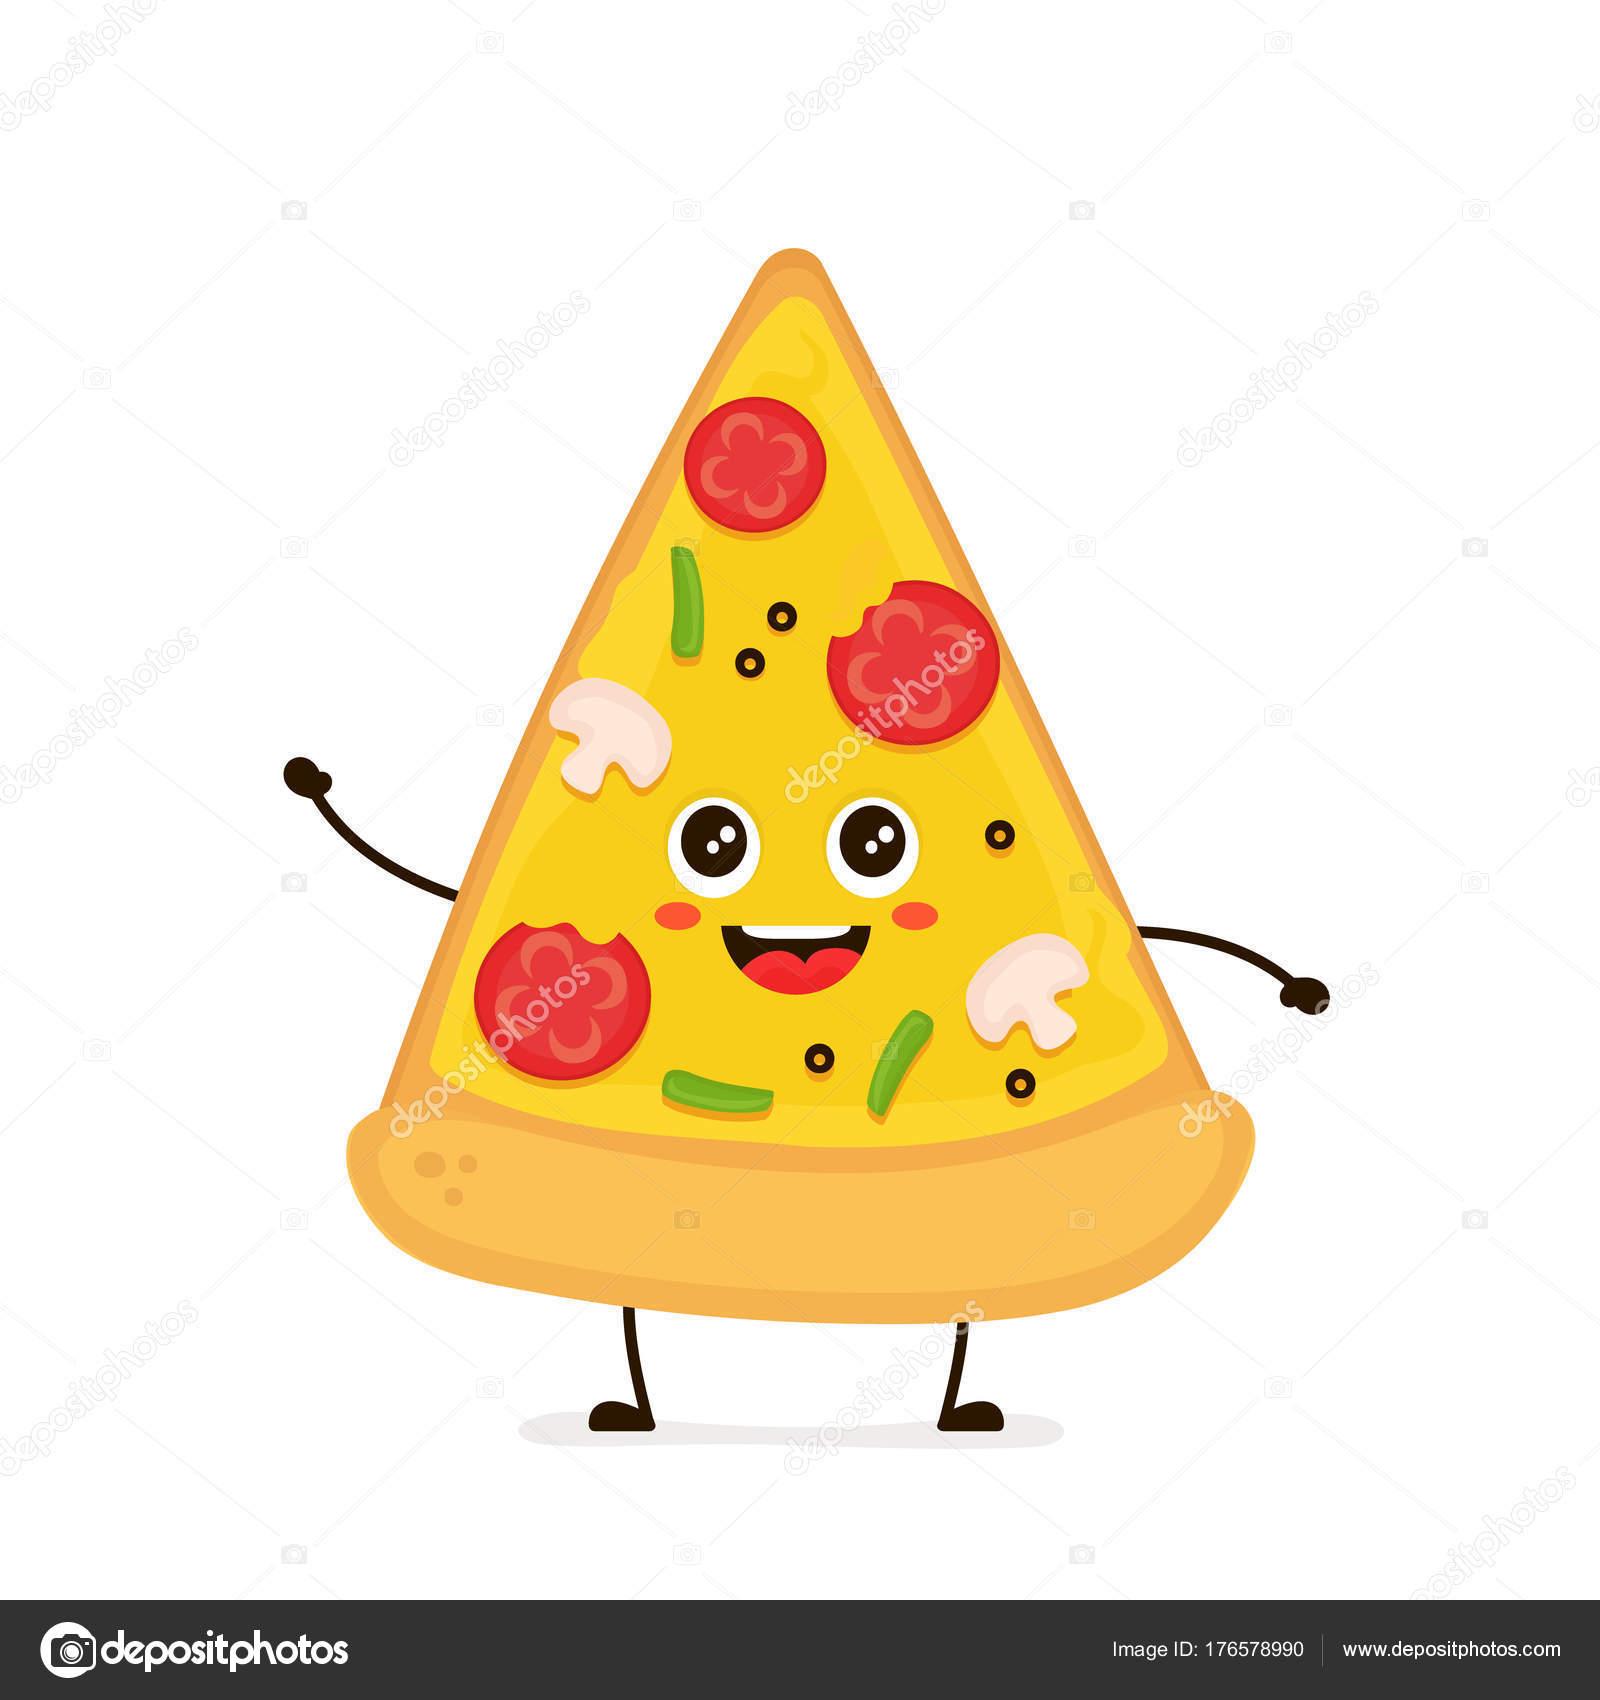 かわいい笑顔の面白いかわいいピザのスライスベクトル ストック